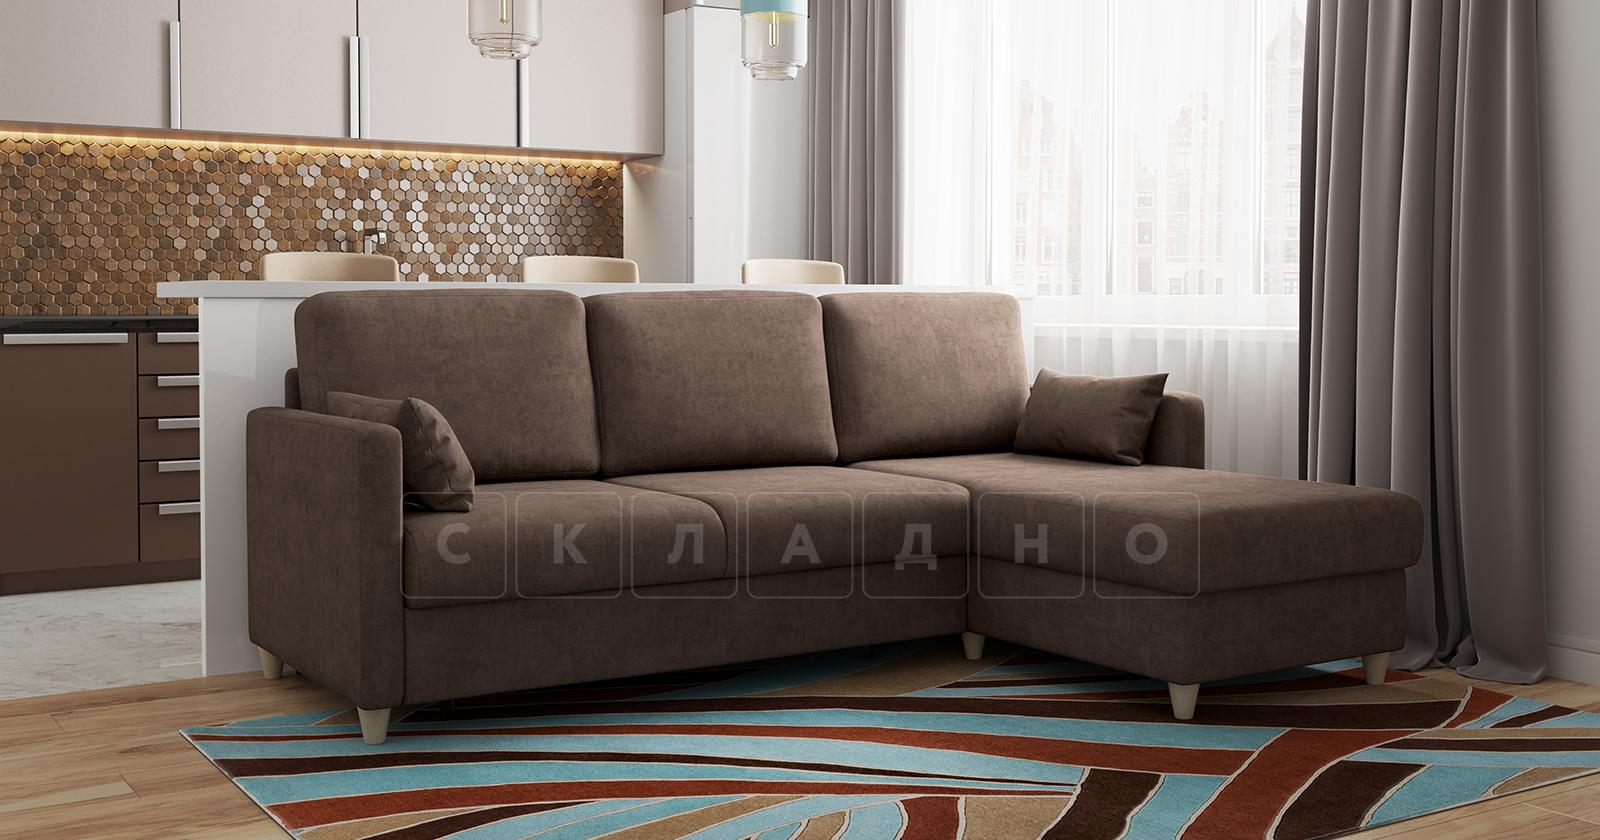 Угловой диван Дарвин коричневый фото 17   интернет-магазин Складно